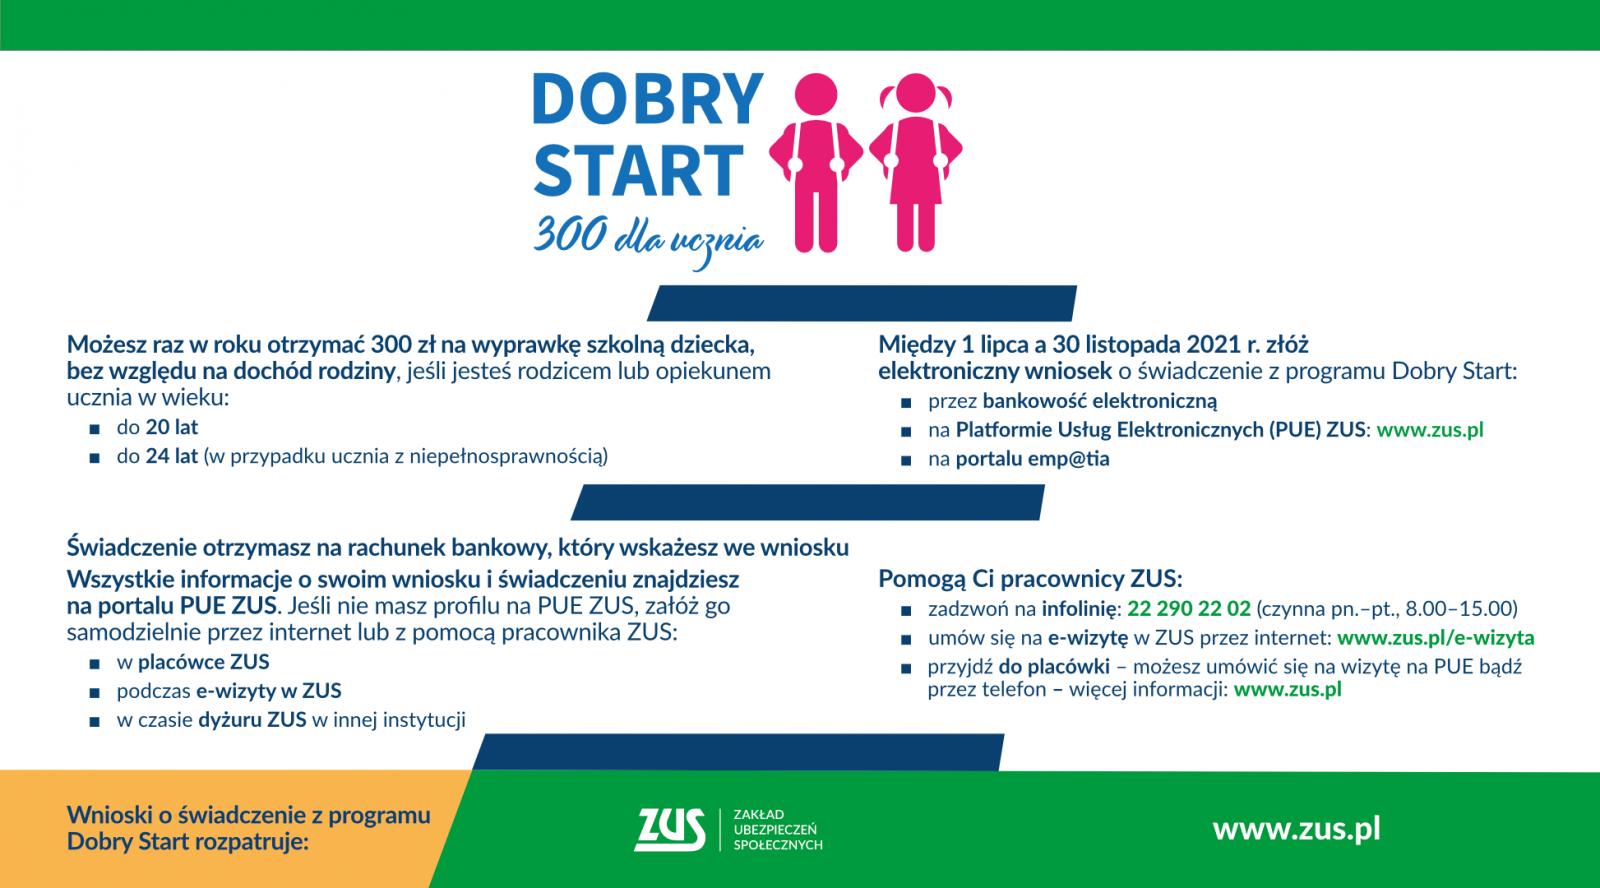 Od 1 lipca można składać wnioski o świadczenie z programu Dobry Start W roku szkolnym 2021/2022 wniosek o świadczenie z programu Dobry Start można złożyć wyłącznie drogą elektroniczną – za pomocą portalu Platformy Usług Elektronicznych (PUE) ZUS, bankowości elektronicznej lub portalu Emp@tia. Świadczenia będą wypłacane wyłącznie na rachunki bankowe. Obsługą świadczeń od tego roku zajmuje się ZUS. Wnioski można składać od 1 lipca do 30 listopada 2021 r.